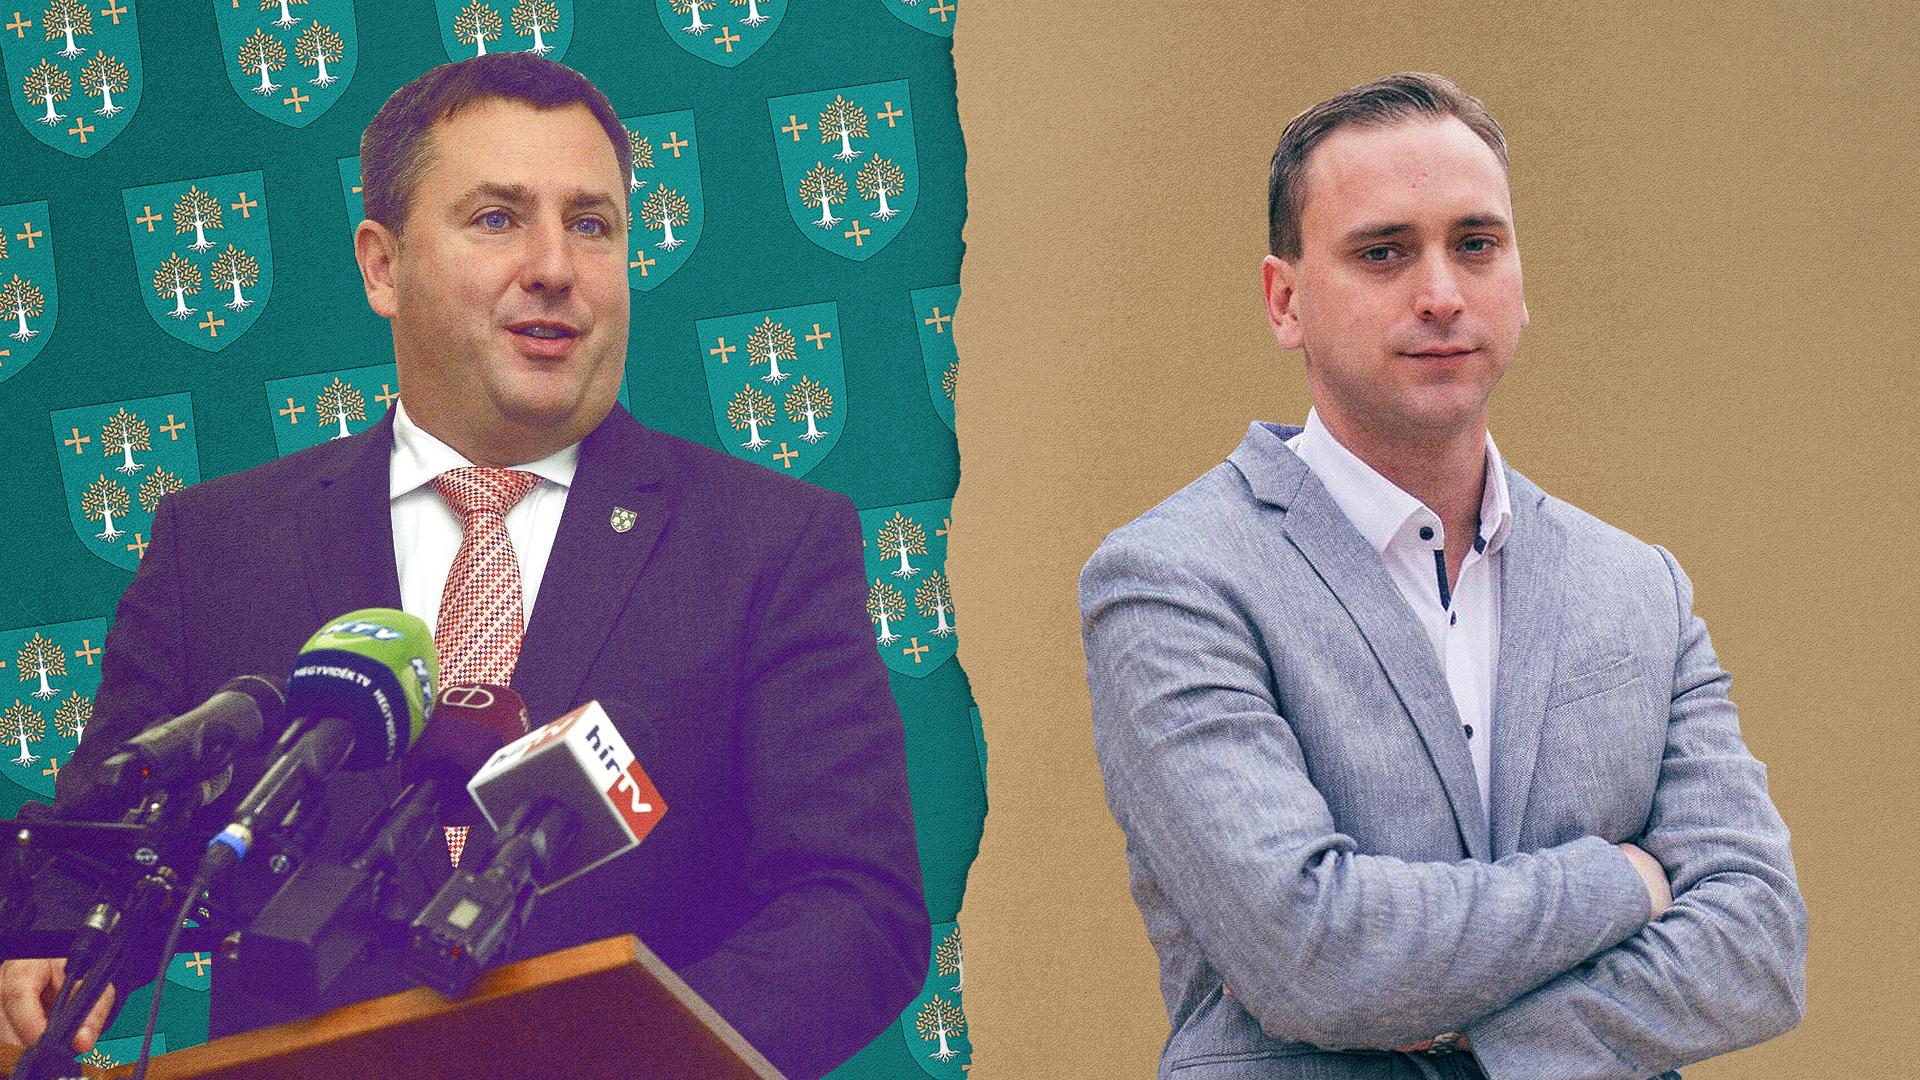 Láng Zsolt gratulált Őrsi Gergelynek, ellenzéki győzelem a II. kerületben is